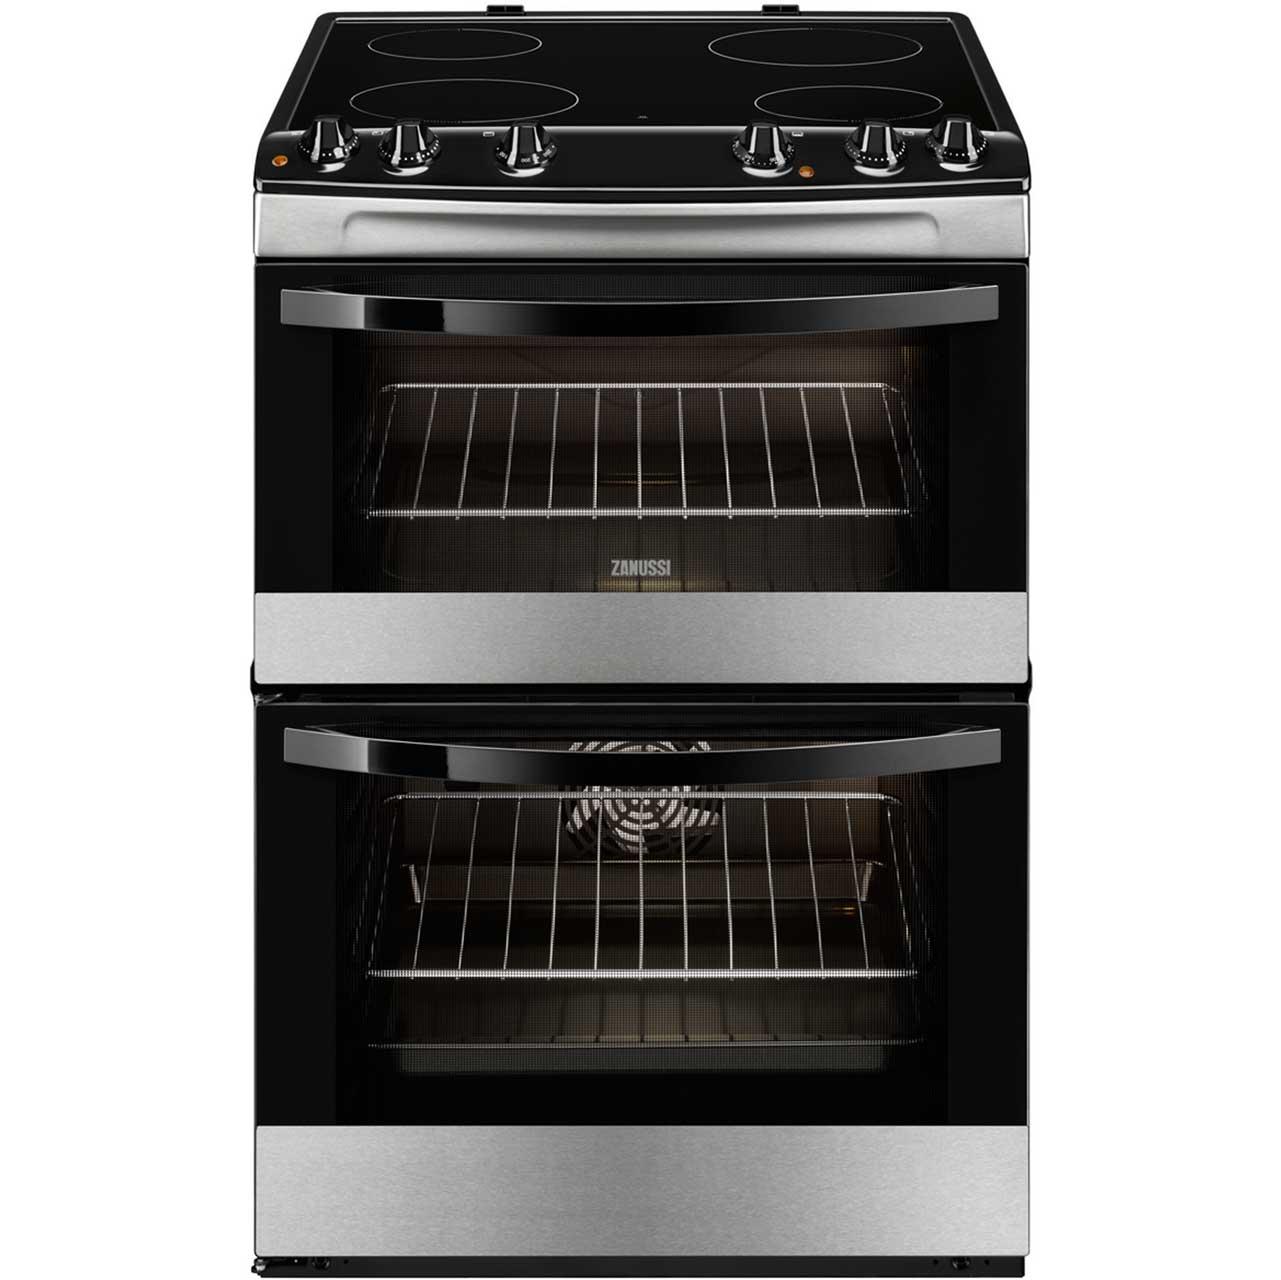 Uncategorized Zanussi Kitchen Appliances boots kitchen appliances washing machines fridges more our images 8